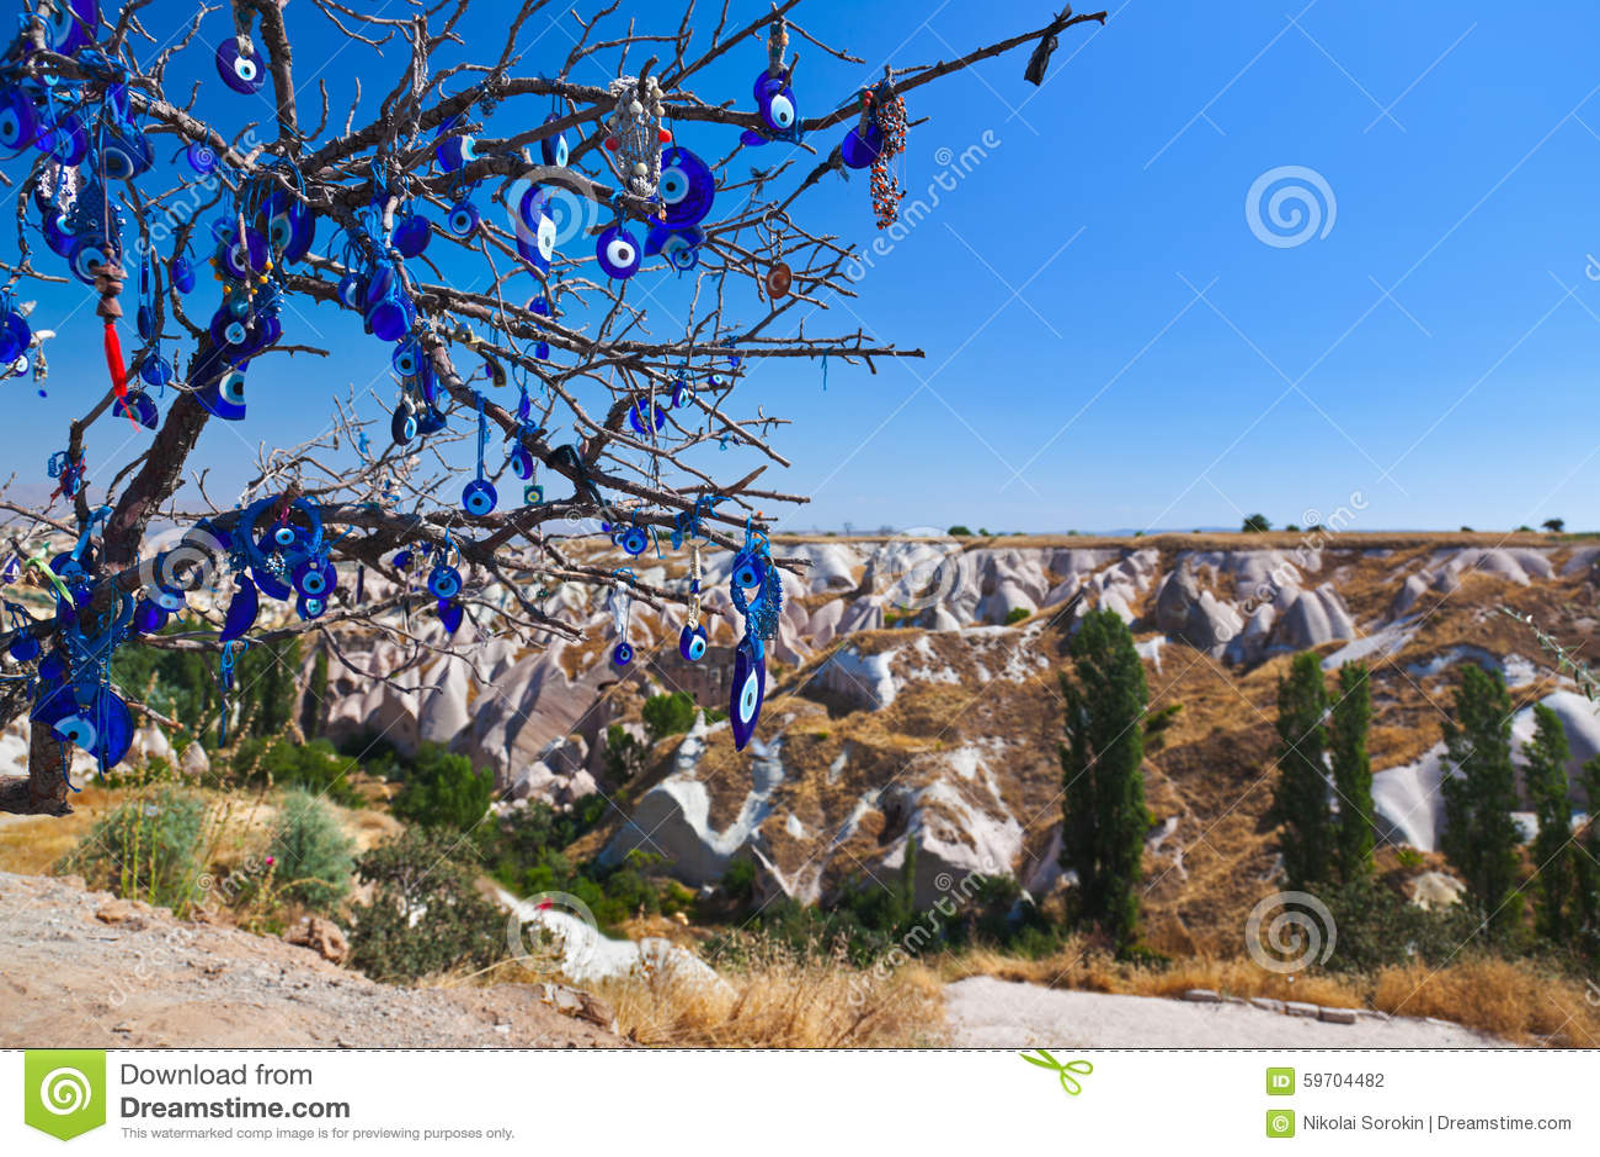 Amulett des Baums und des schlechten Auges in Cappadocia die Türkei